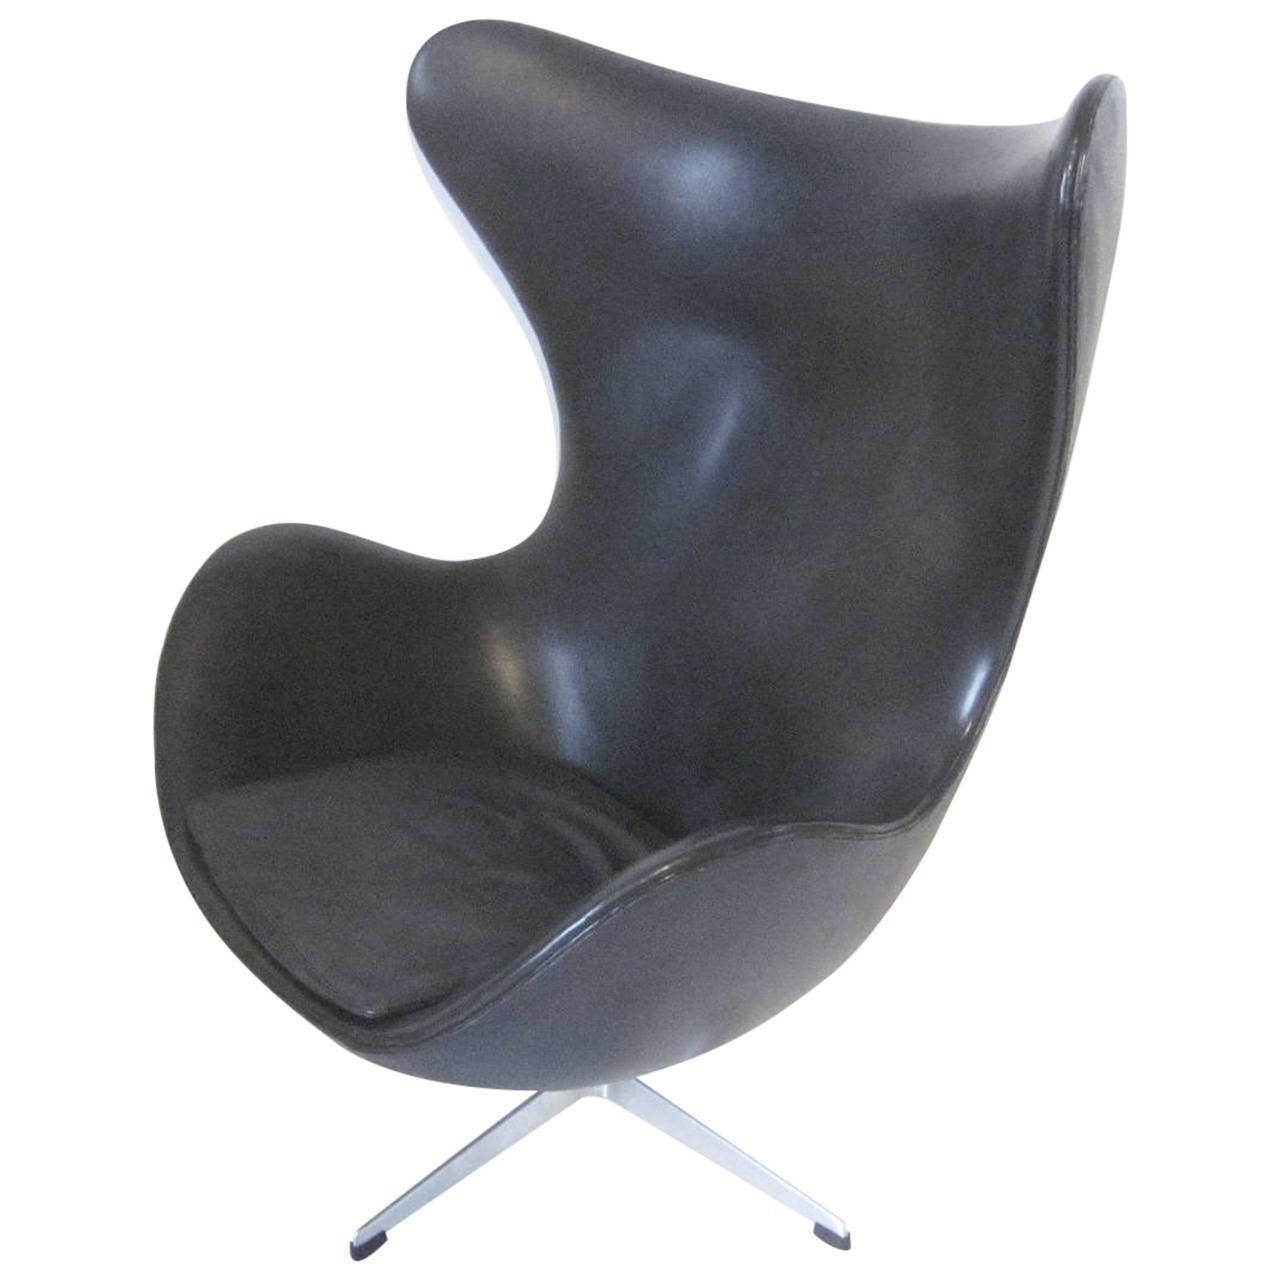 arne jacobsen leather egg chair at 1stdibs. Black Bedroom Furniture Sets. Home Design Ideas